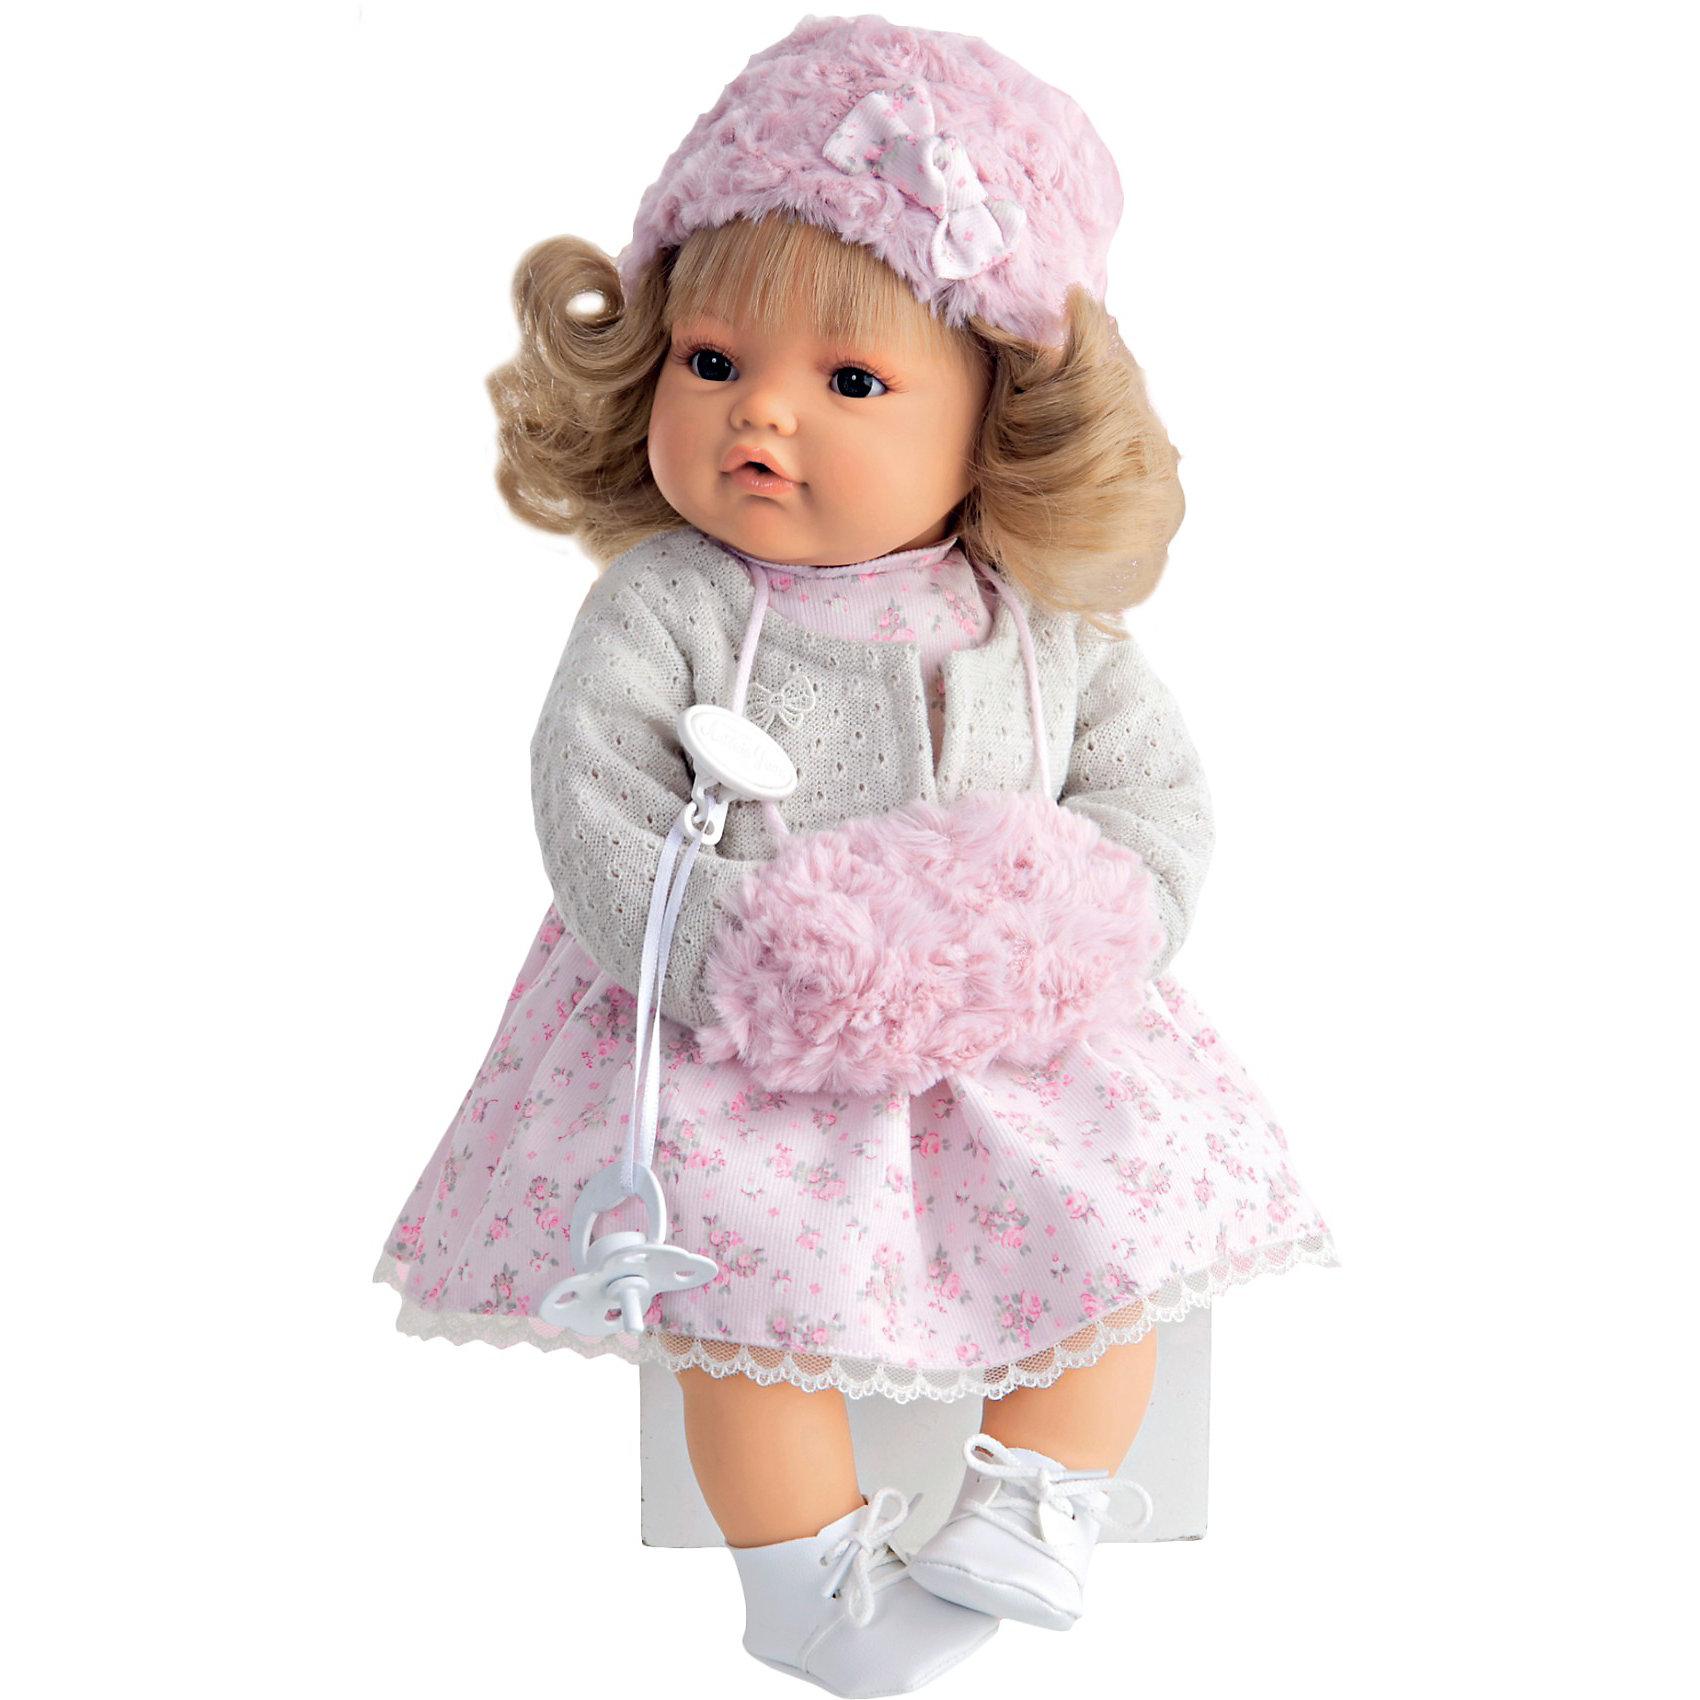 Кукла Белла в белом,  42 см, Munecas Antonio JuanКукла Белла в белом,  42 см, JUAN ANTONIO munecas (ХУАН АНТОНИО мунекас) – это качественные игрушки из Испании, популярные во всем мире.<br>Кукла Белла со светлыми волосами такая милая и очаровательная, что не оставит равнодушным ни ребенка, ни даже взрослого. Кукла Белла одета в пестрое платье, кофточку в руках у нее манто. На голове у куклы теплая шапочка. «Маленькая мама» без опаски может брать малышку на прогулку. О Белле надо заботиться, потому что она плачет, если ей вовремя не дать соску. Тельце у куклы мягко-набивное, голова, ручки и ножки сделаны из мягкого качественного винила. Ручки и ножки подвижны. Образы малышей Мунекас разработаны известными европейскими дизайнерами. Они натуралистичны, анатомически точны, копируют настоящих младенцев. Макеты кукол слеплены вручную, поэтому у каждой из моделей индивидуальные черты лица, которые вместе с нарядом и аксессуарами составляют уникальный и неповторимый образ.<br><br>Дополнительная информация:<br><br>- В комплекте: кукла, соска<br>- Интерактивные функции куклы: выньте соску - кукла заплачет, вставьте соску в ротик - кукла замолчит<br>- Глаза куклы не закрываются<br>- Высоты куклы: 42 см.<br>-- Работает от 3-х батареек LR44 (таблетки) (батарейки входят в комплект)<br>- После покупки игрушки перед игрой куклу необходимо активировать, вынув защитную полоску из механизма с батарейками<br><br>Куклу Белла в белом,  42 см, JUAN ANTONIO munecas (ХУАН АНТОНИО мунекас) можно купить в нашем интернет-магазине.<br><br>Ширина мм: 150<br>Глубина мм: 305<br>Высота мм: 420<br>Вес г: 2100<br>Возраст от месяцев: 36<br>Возраст до месяцев: 72<br>Пол: Женский<br>Возраст: Детский<br>SKU: 3763711